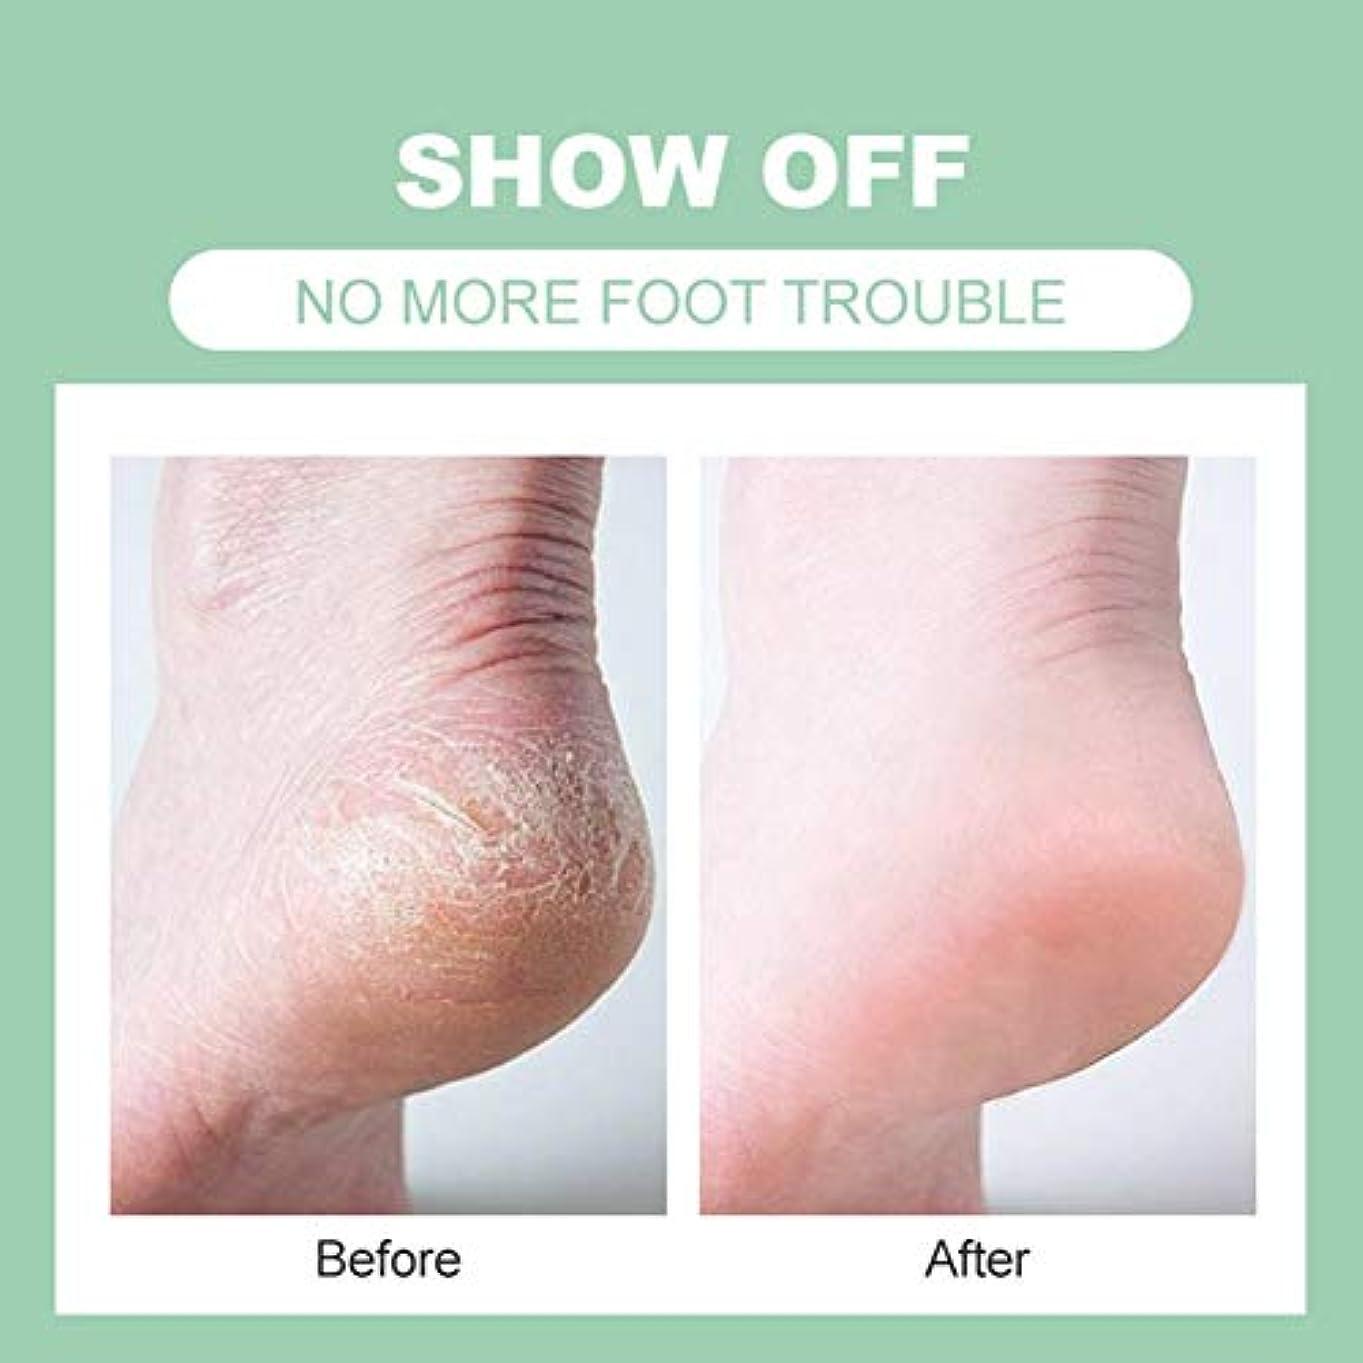 処方するシャワー過剰フットクリーム 足クリーム 足ケア 乾燥 荒れ防止 長持ち 保湿 つるつる うっとりするくりーむ Cutelove